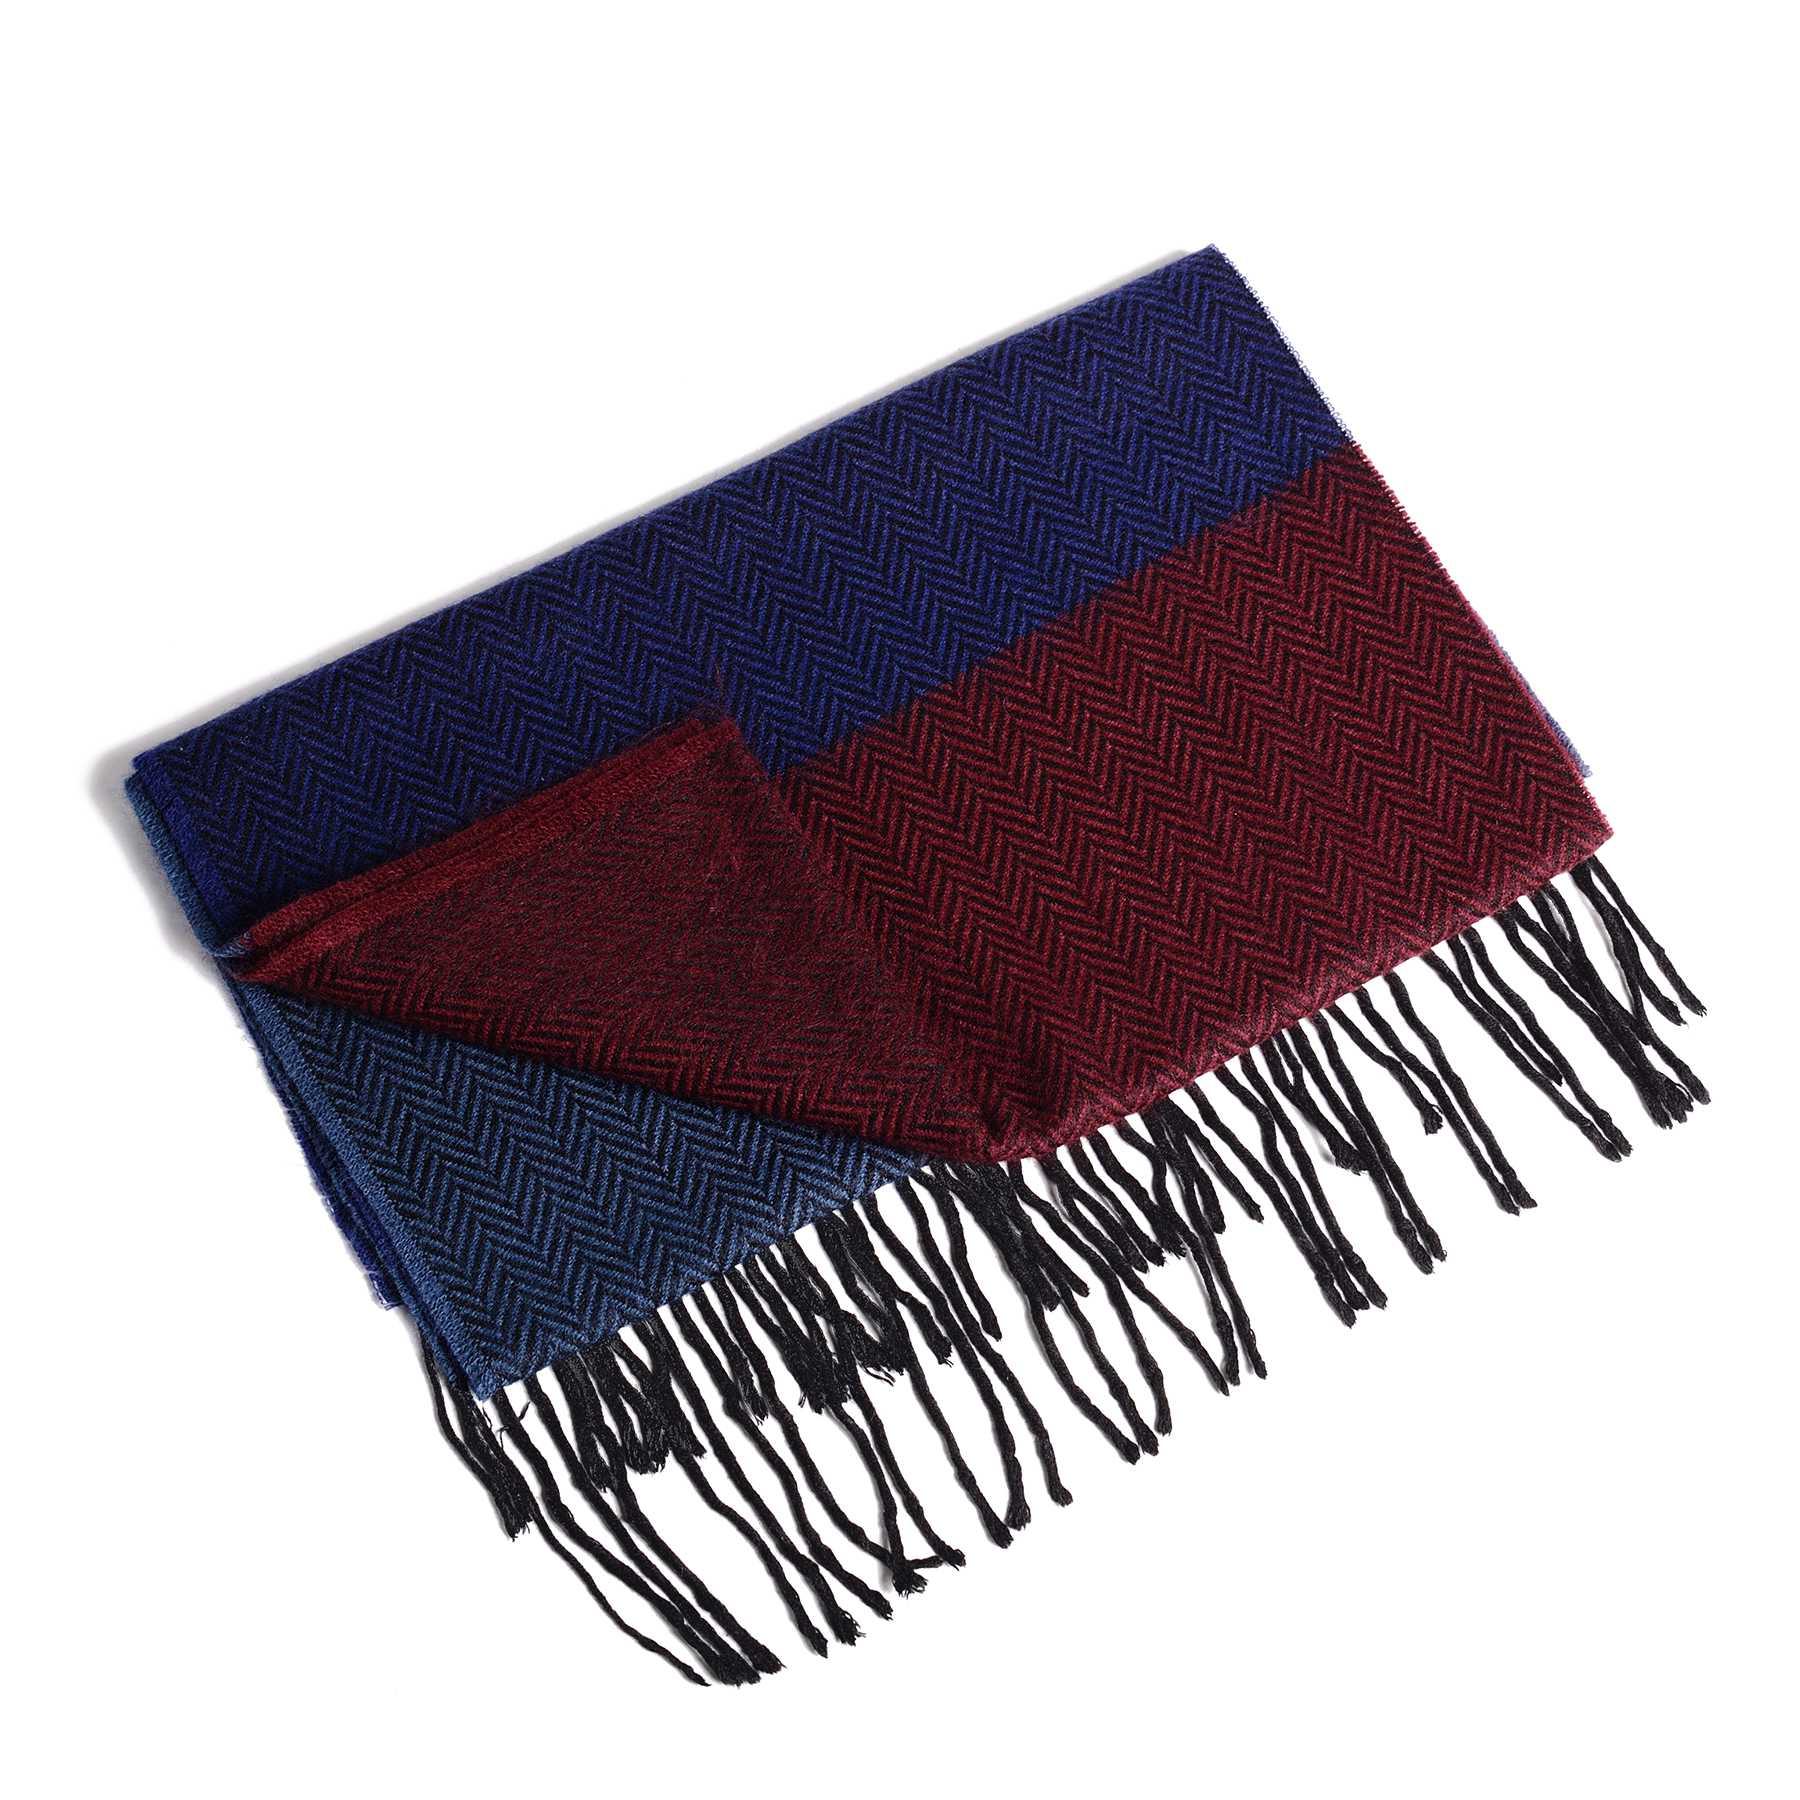 Шарф мужской трехцветный ( синий, голубой, бордовый) в елочку